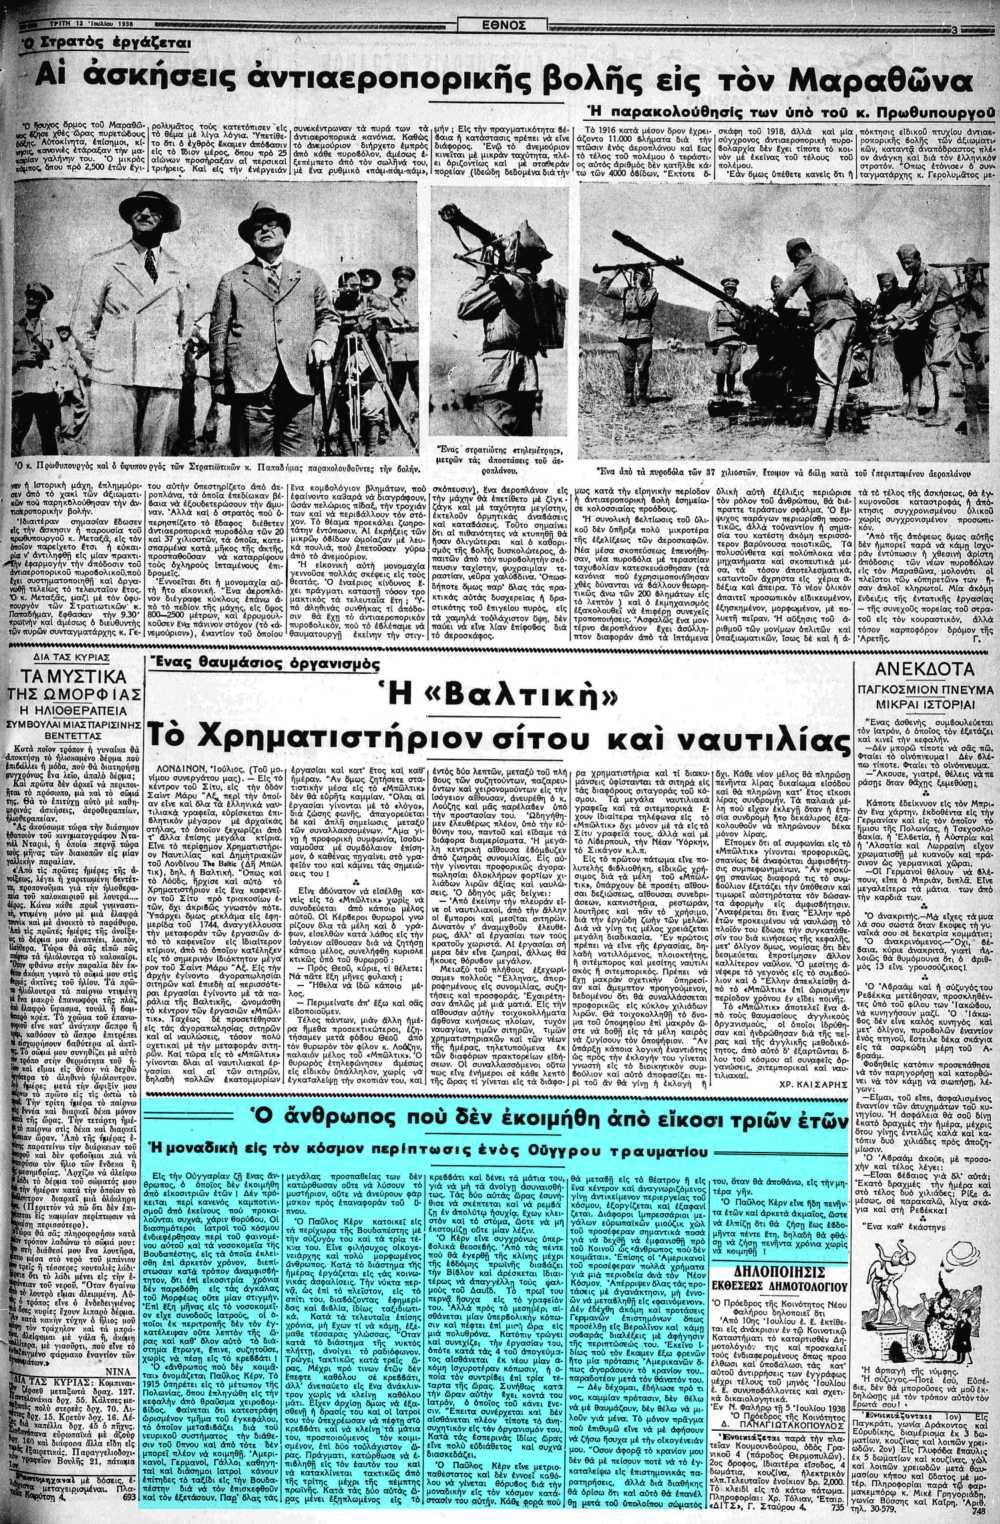 """Το άρθρο, όπως δημοσιεύθηκε στην εφημερίδα """"ΕΘΝΟΣ"""", στις 12/07/1938"""